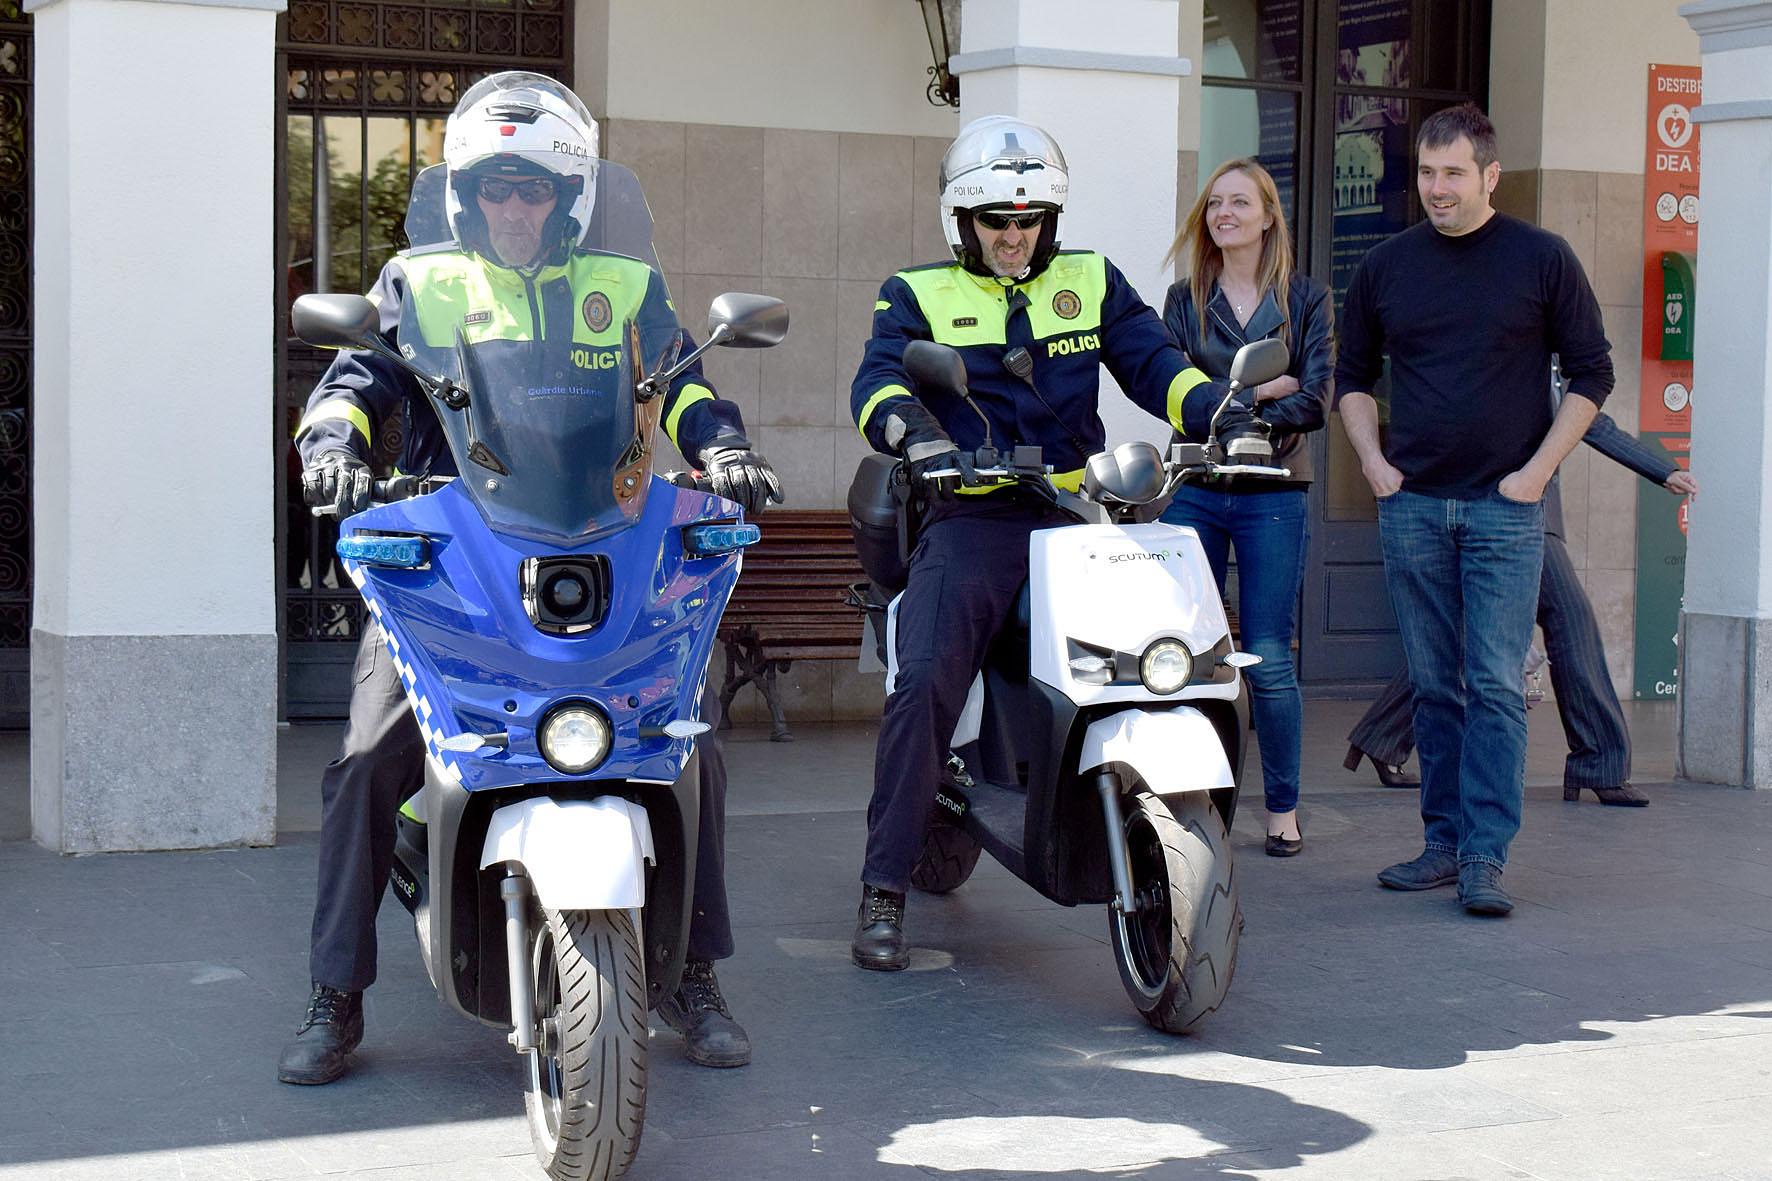 Els agents de la Policia Local damunt les motos, amb Carles Escolà i Contxi Haro